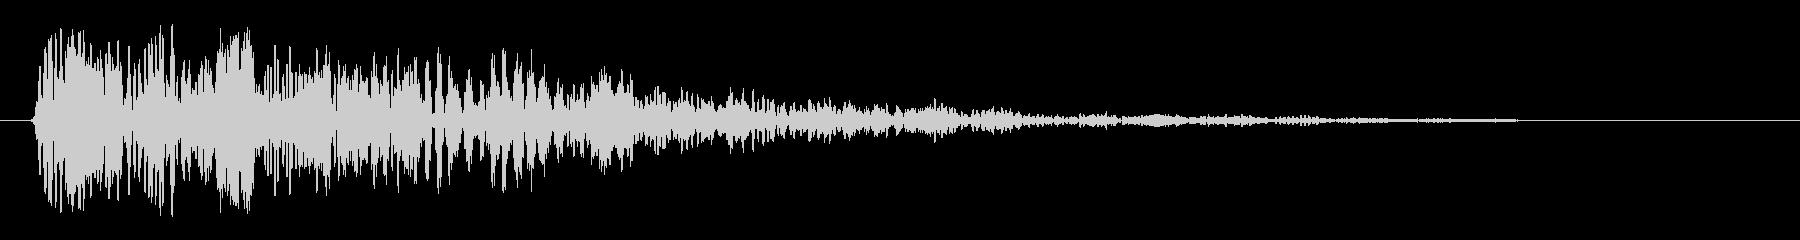 ボワン(登場、出現)の未再生の波形